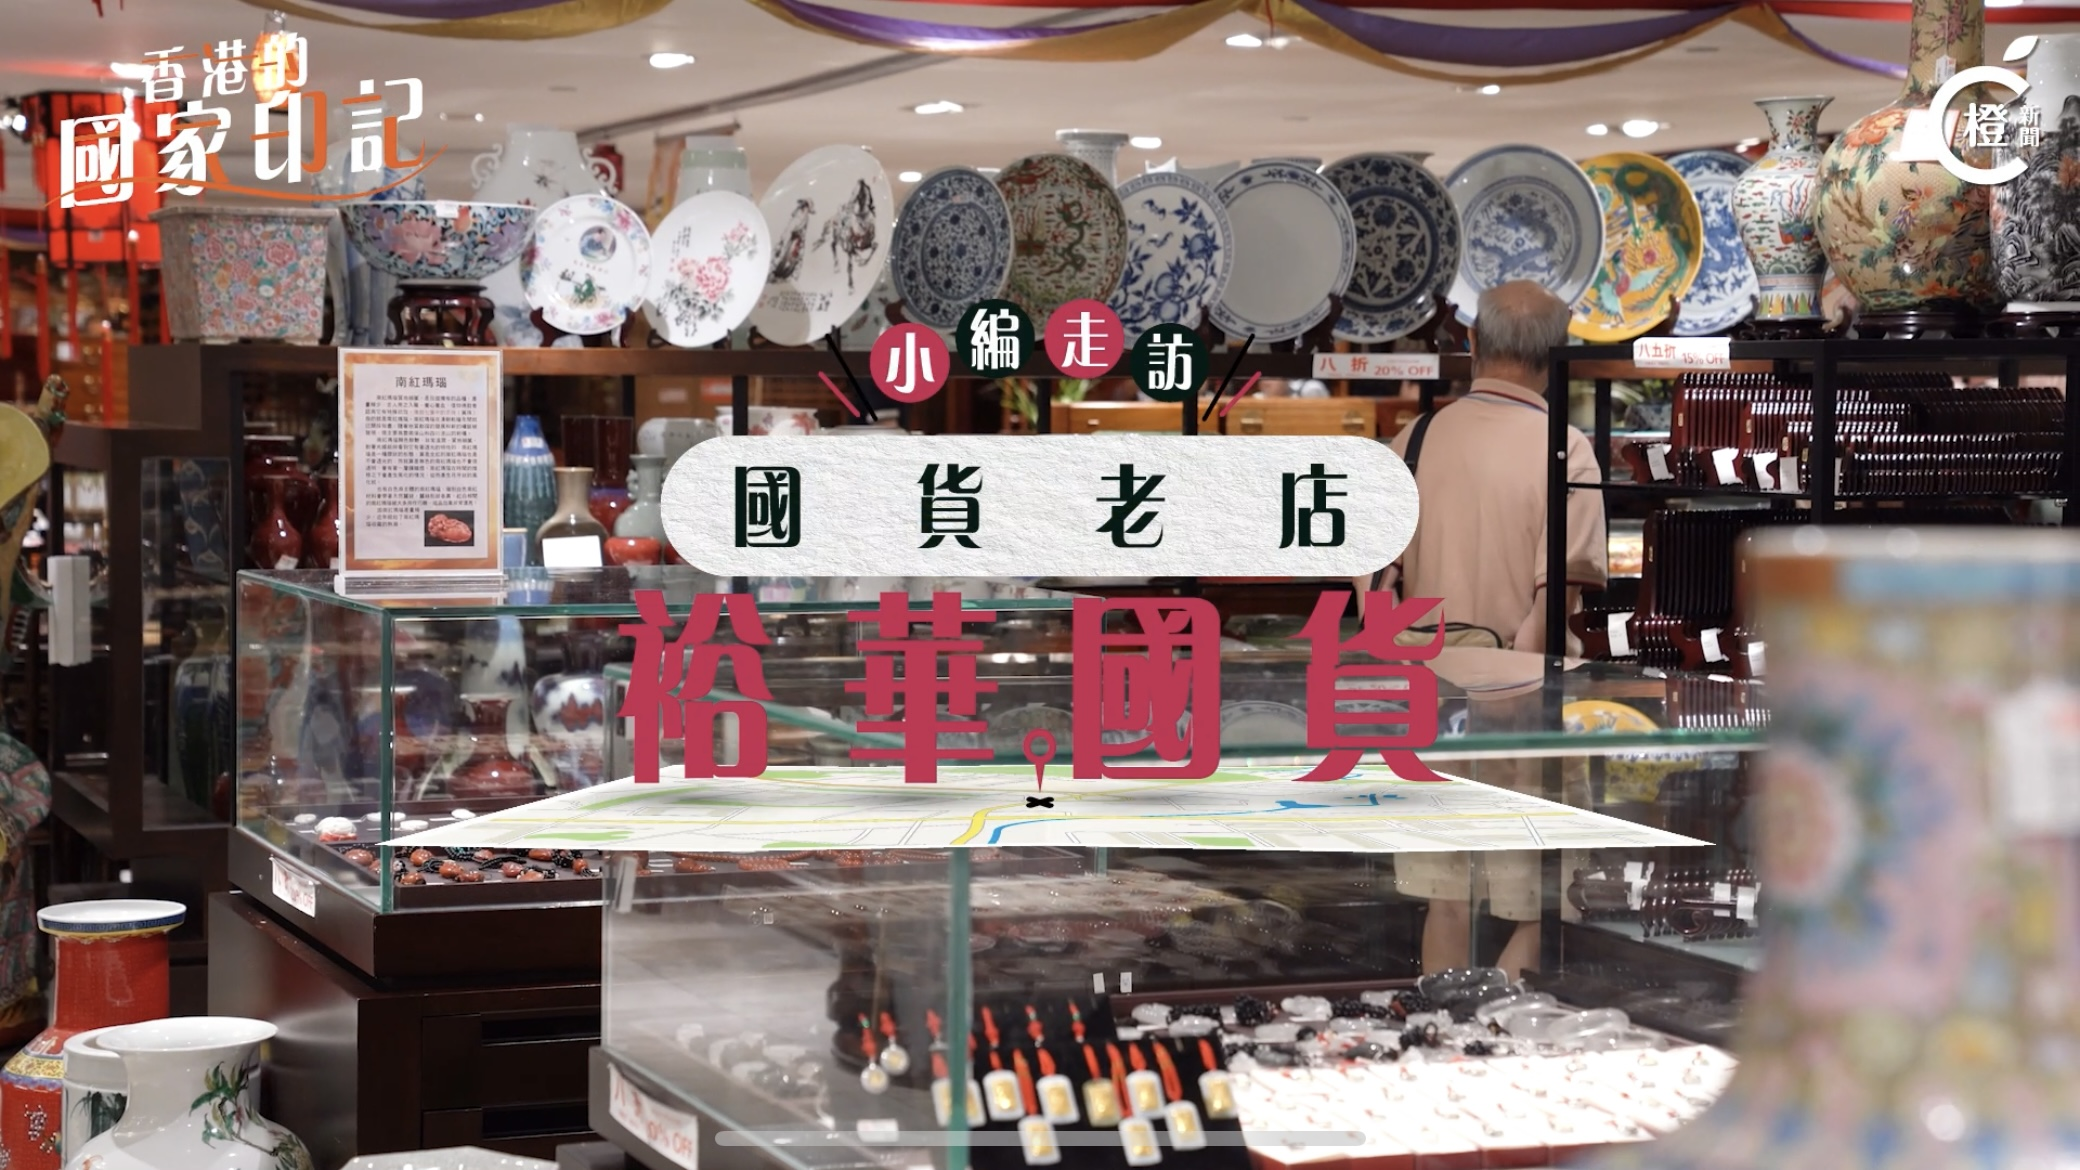 【小編Vlog】「中國製造」傳承情懷惠及民生 國貨老店的世紀變遷